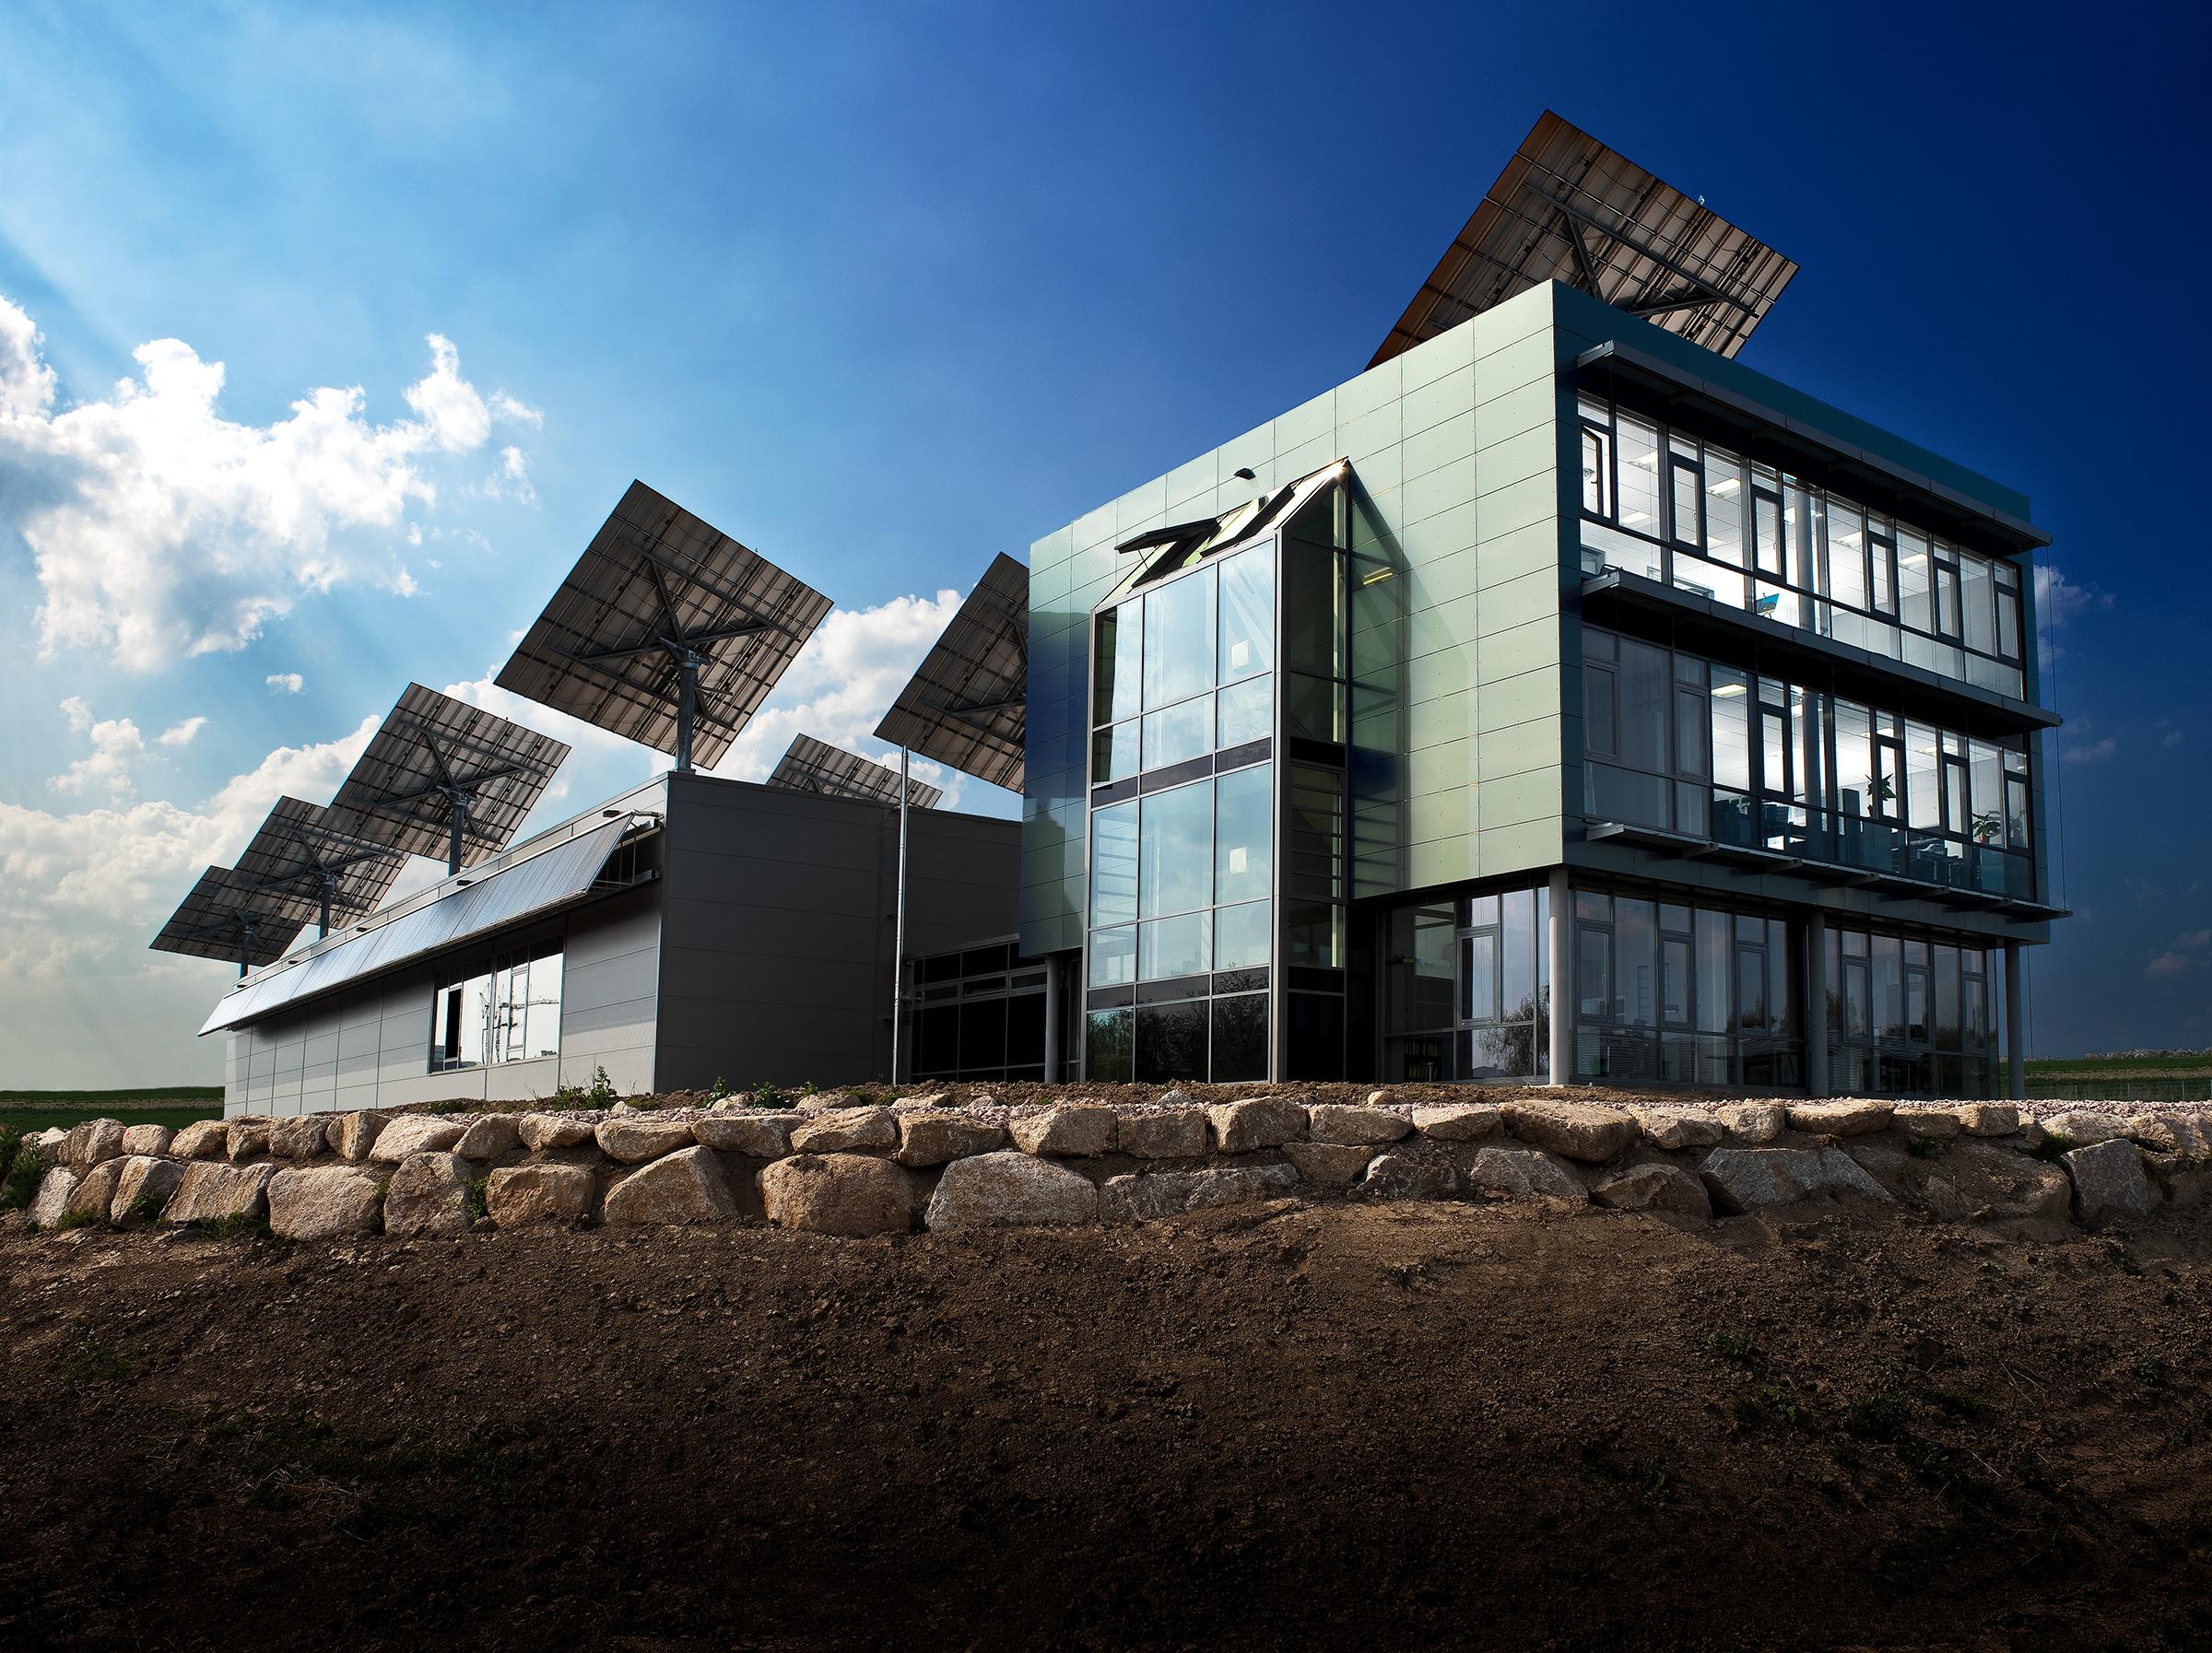 DegerEnergie Solar